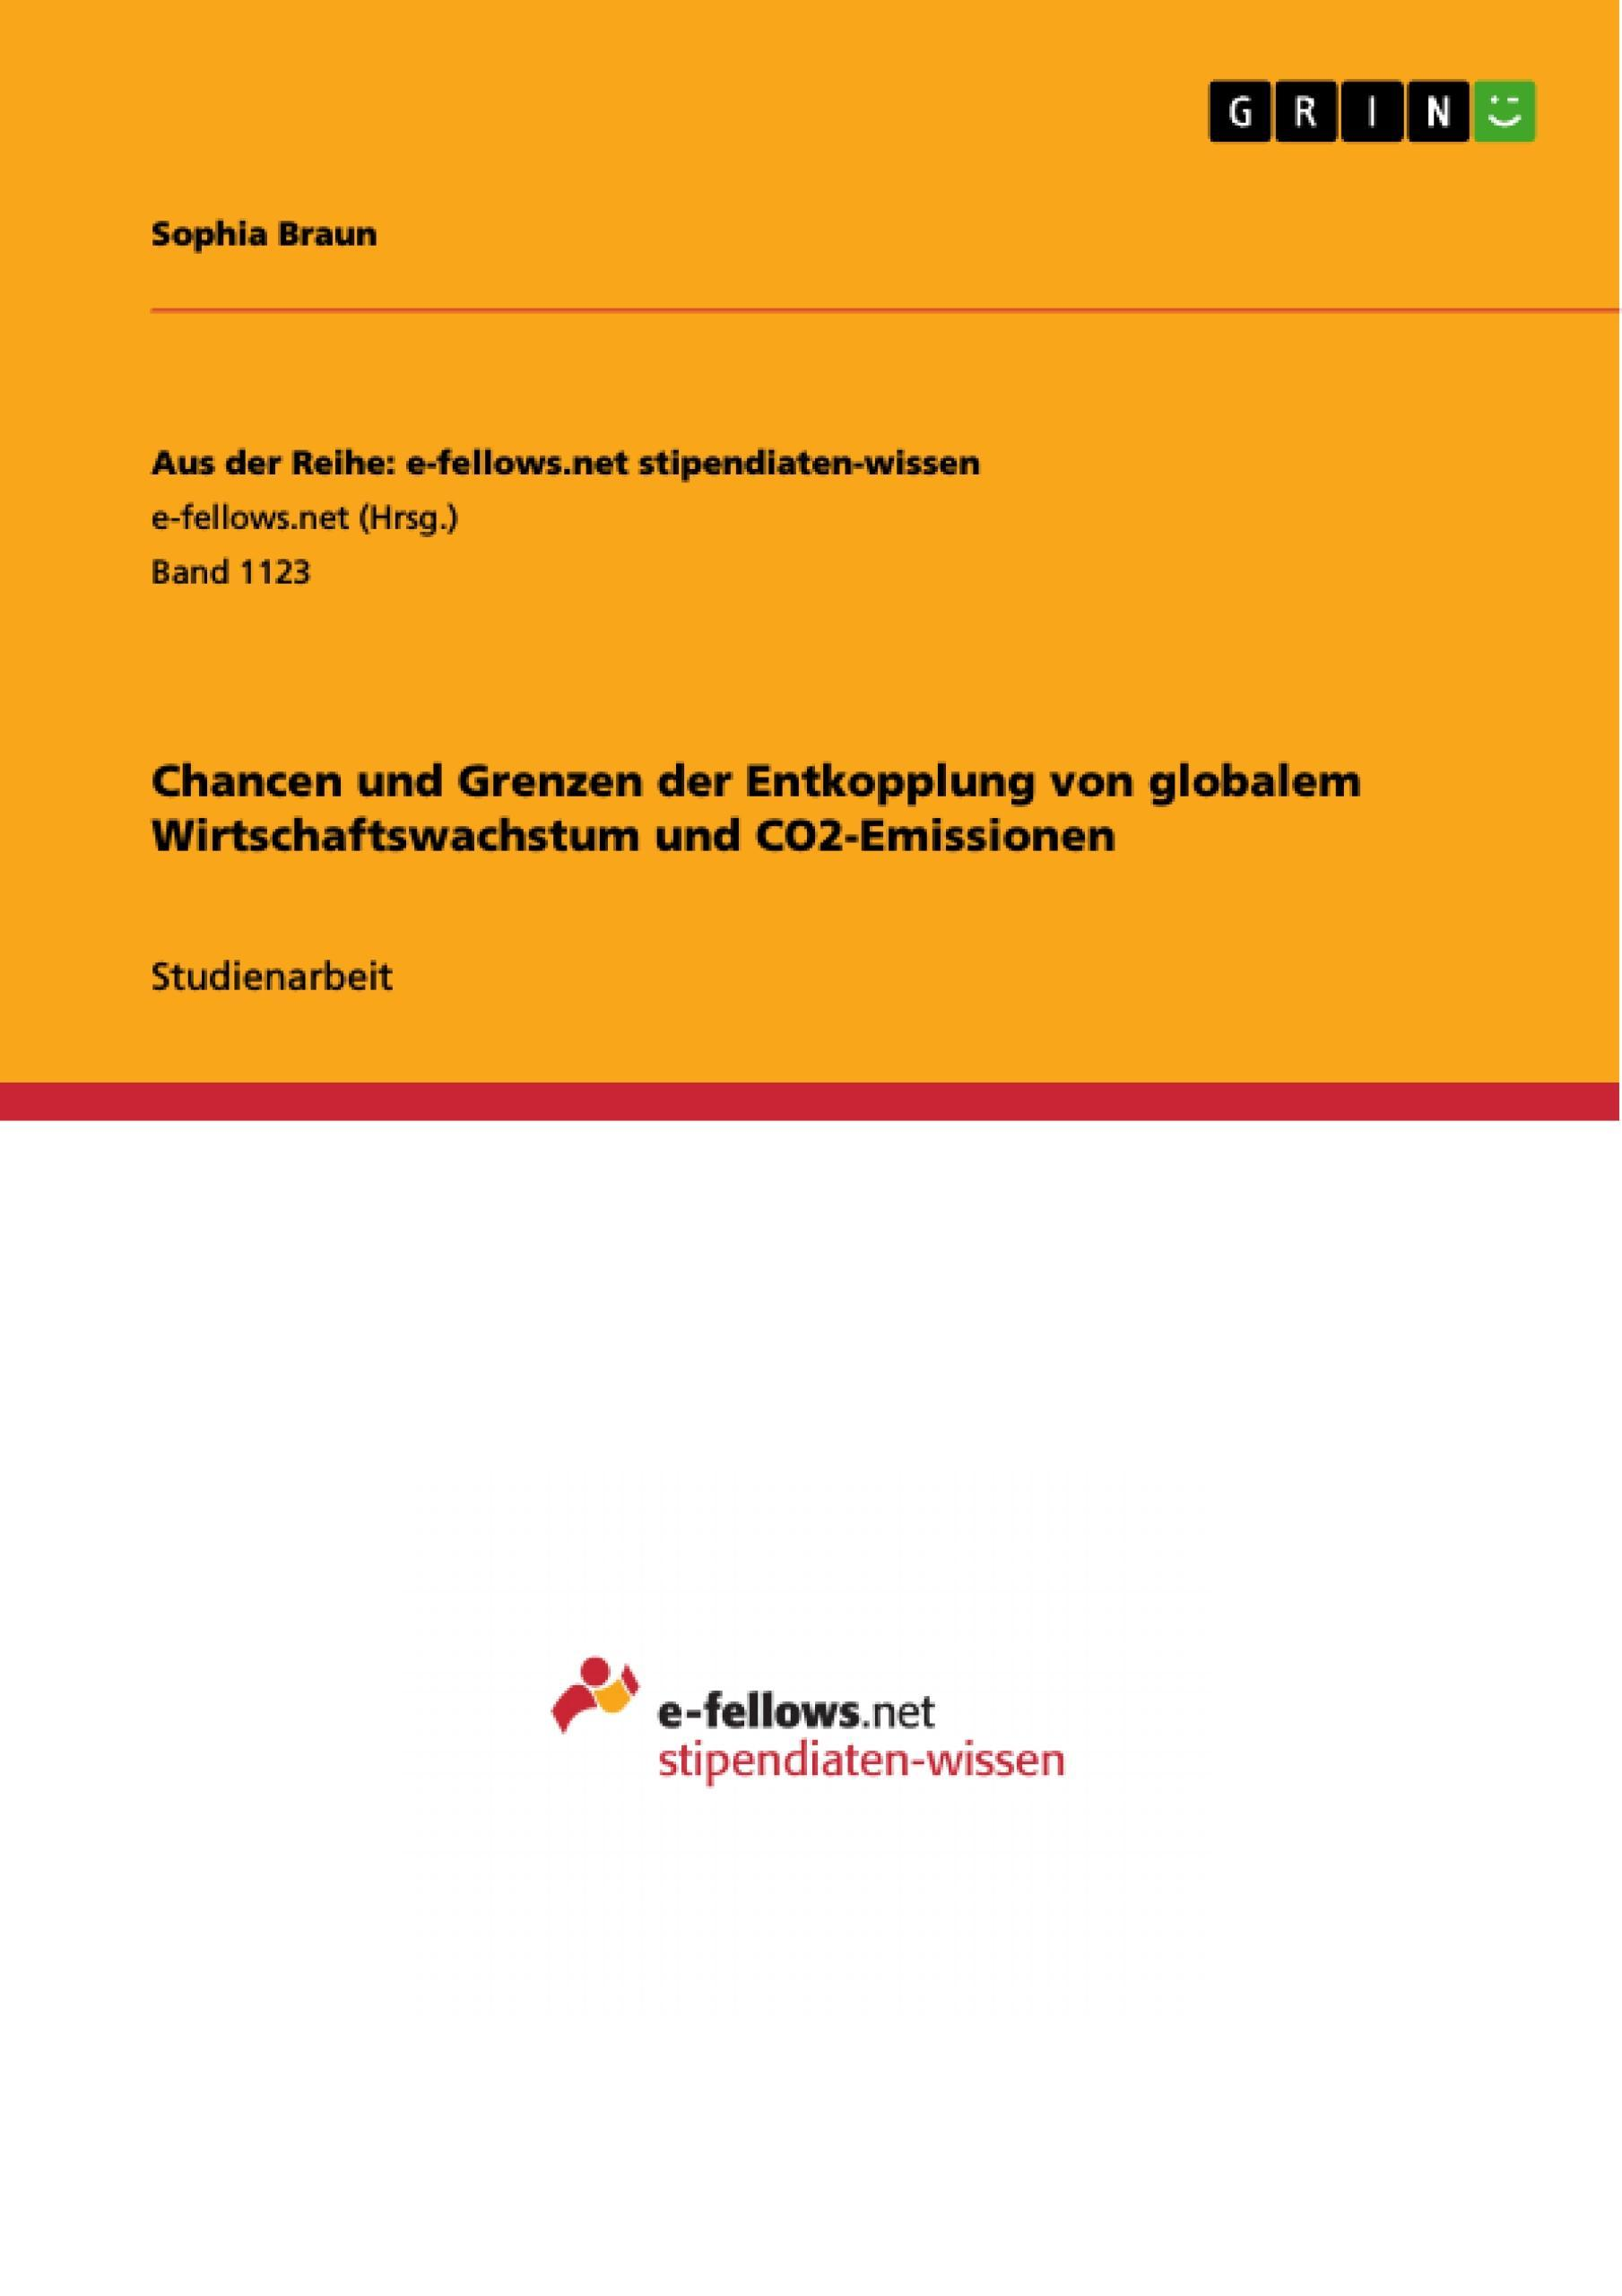 Chancen und Grenzen der Entkopplung von globalem Wirtschaftswachstum und CO ...